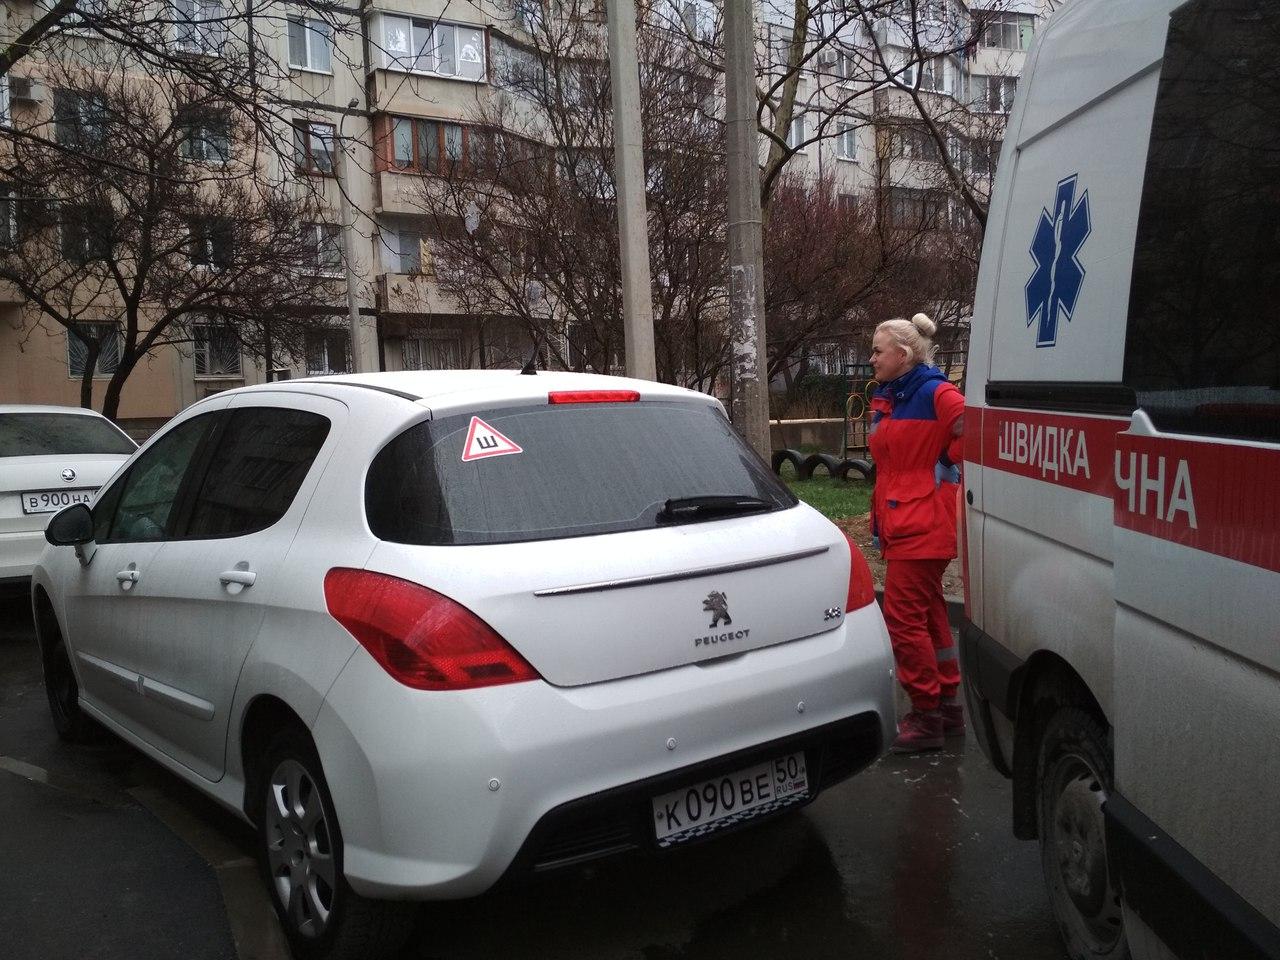 В Симферополе (Республика Крым) 24 марта по улице Куйбышева, 15 скорая помощь, ехавшая на вызов к тяжелобольному пациенту, не смогла подъехать к подъезду. По данным группы в ВК «Автопартнер Крым», в это время на носилках выносили человека с инсультом.